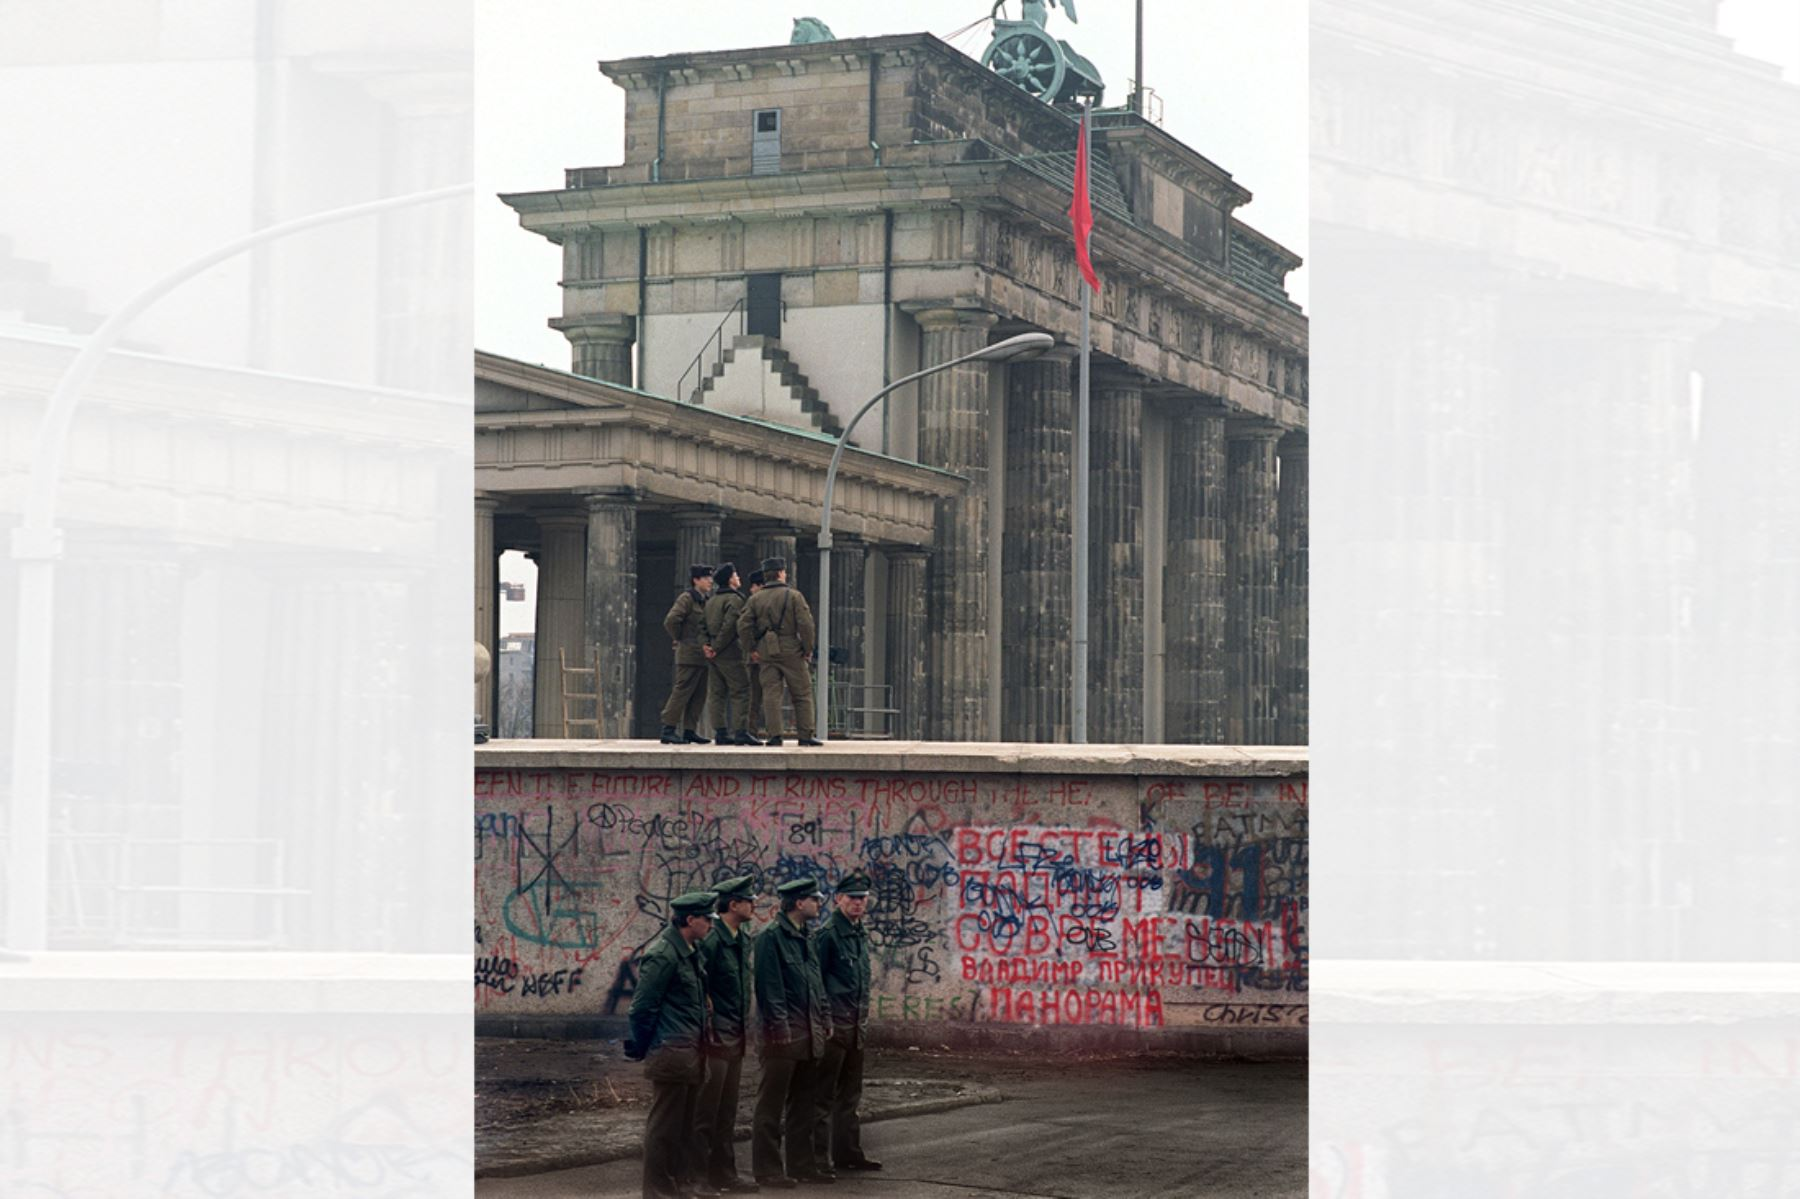 Policías  de Alemania Oriental y Alemania Occidental se encuentran cerca de la Puerta de Brandenburgo en Berlín el 22 de diciembre de 1989. El 9 de noviembre, Gunther Schabowski, portavoz del Partido Comunista de la RDA, declaró que a partir de la medianoche de ese día, los alemanes orientales serían libres de abandonar el país, sin permiso, en cualquier punto a lo largo de la frontera, incluidos los puntos de cruce a través del Muro en Berlín. Foto: AFP